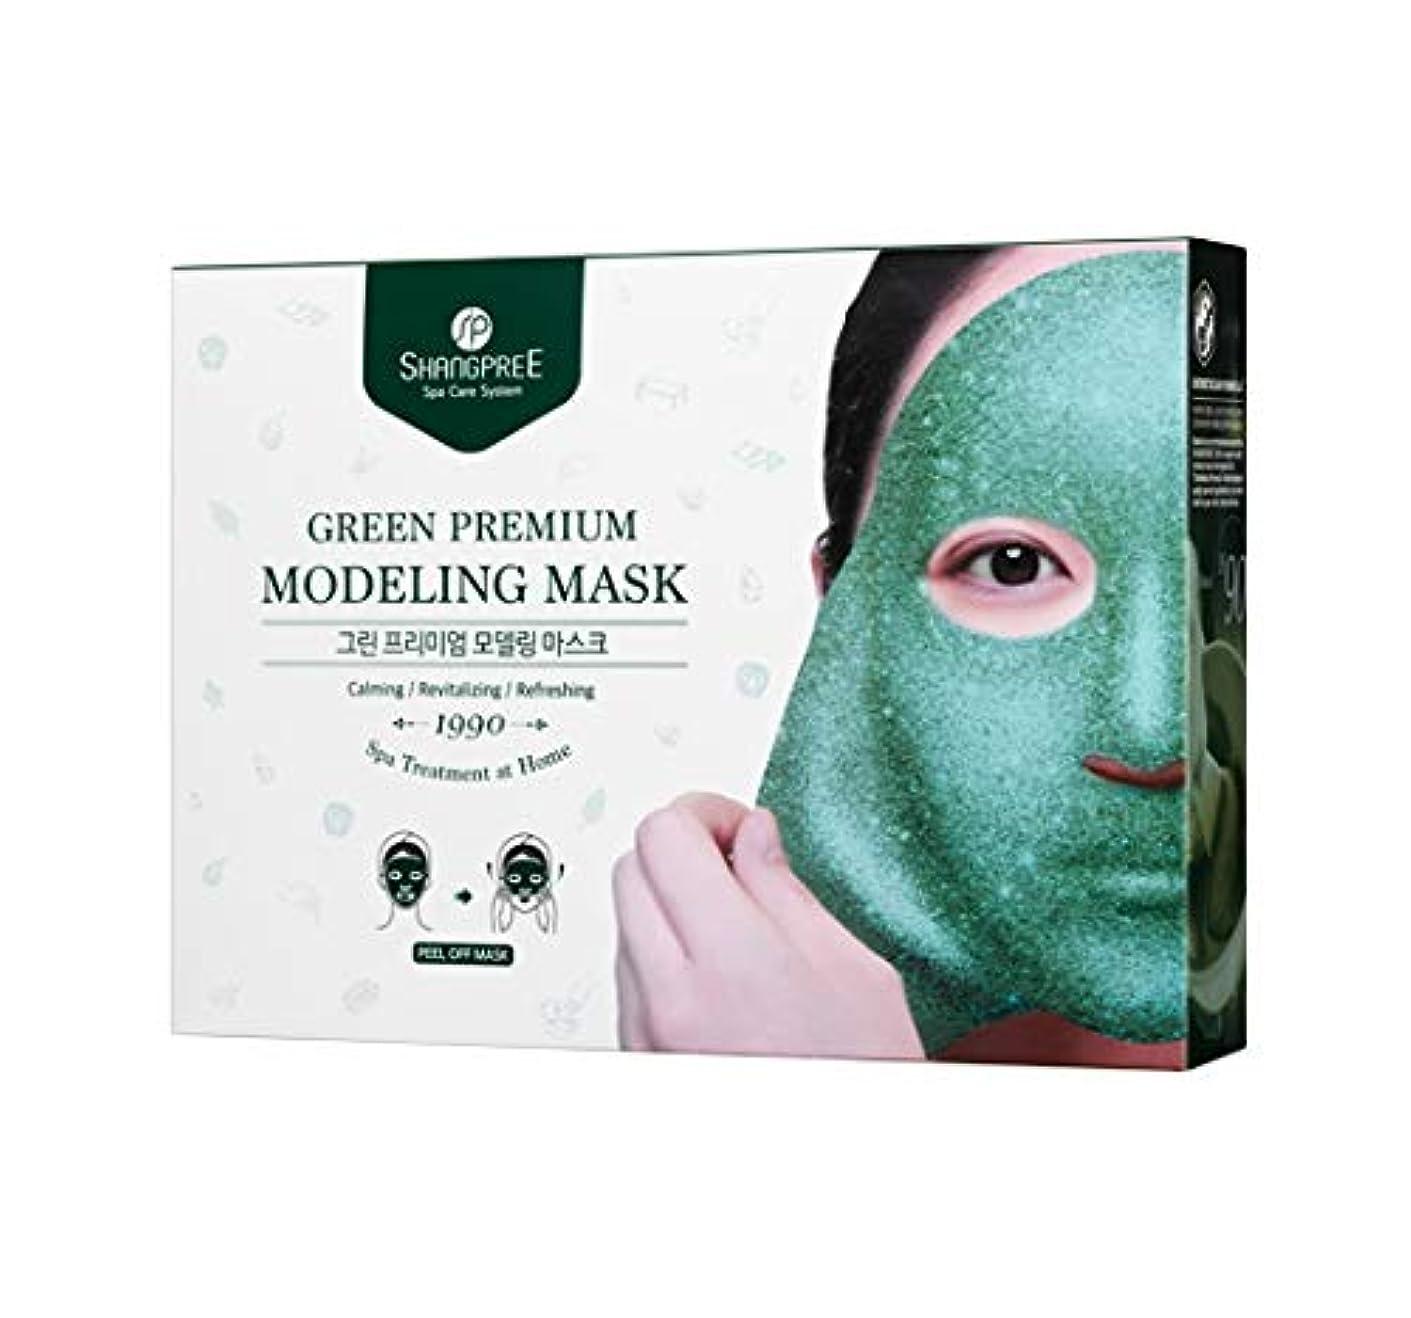 ハイキングダイエット反動Shangpree グリーンプレミアムモデリングマスク 5枚 Green premium modeling mask 5ea (並行輸入品)